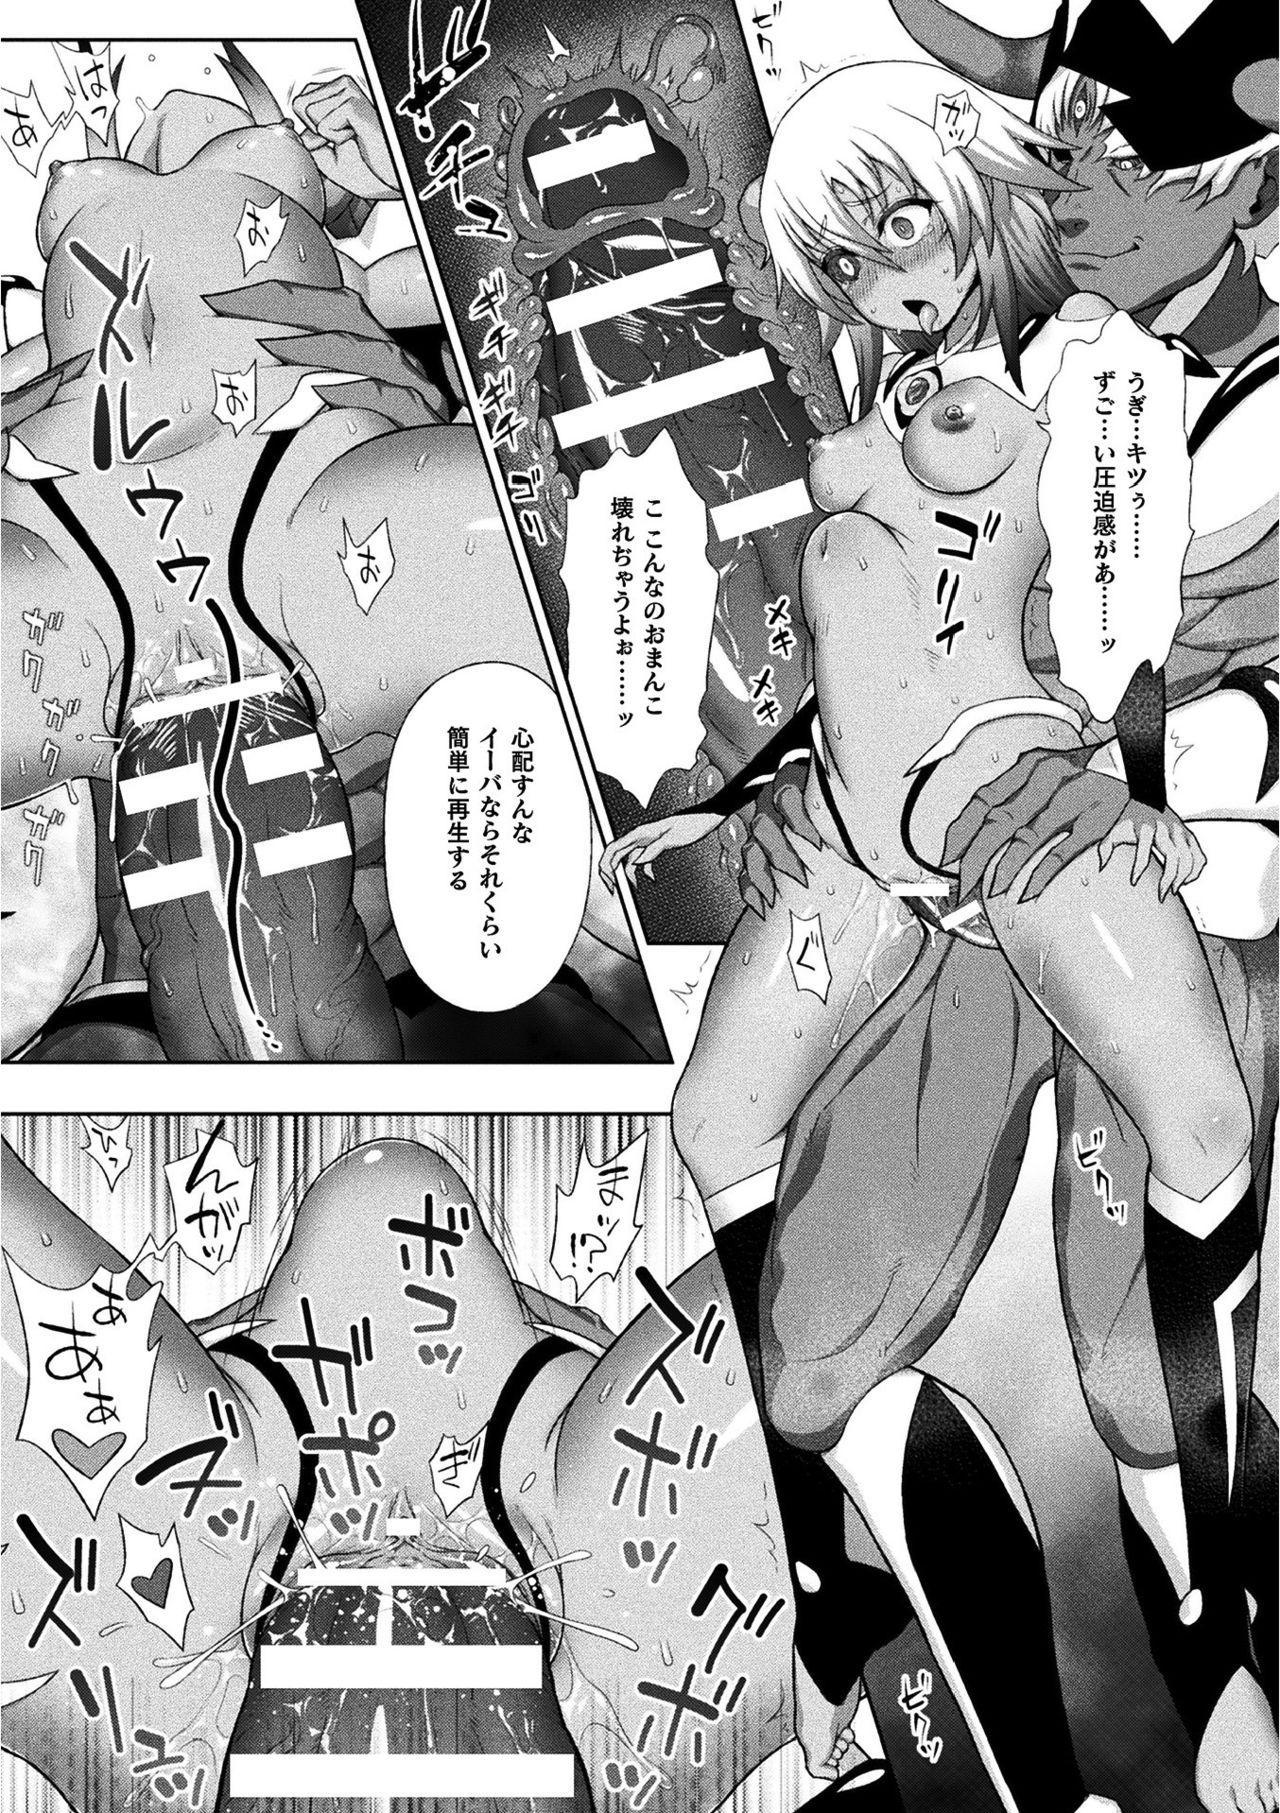 Kukkoro Heroines Vol. 12 10